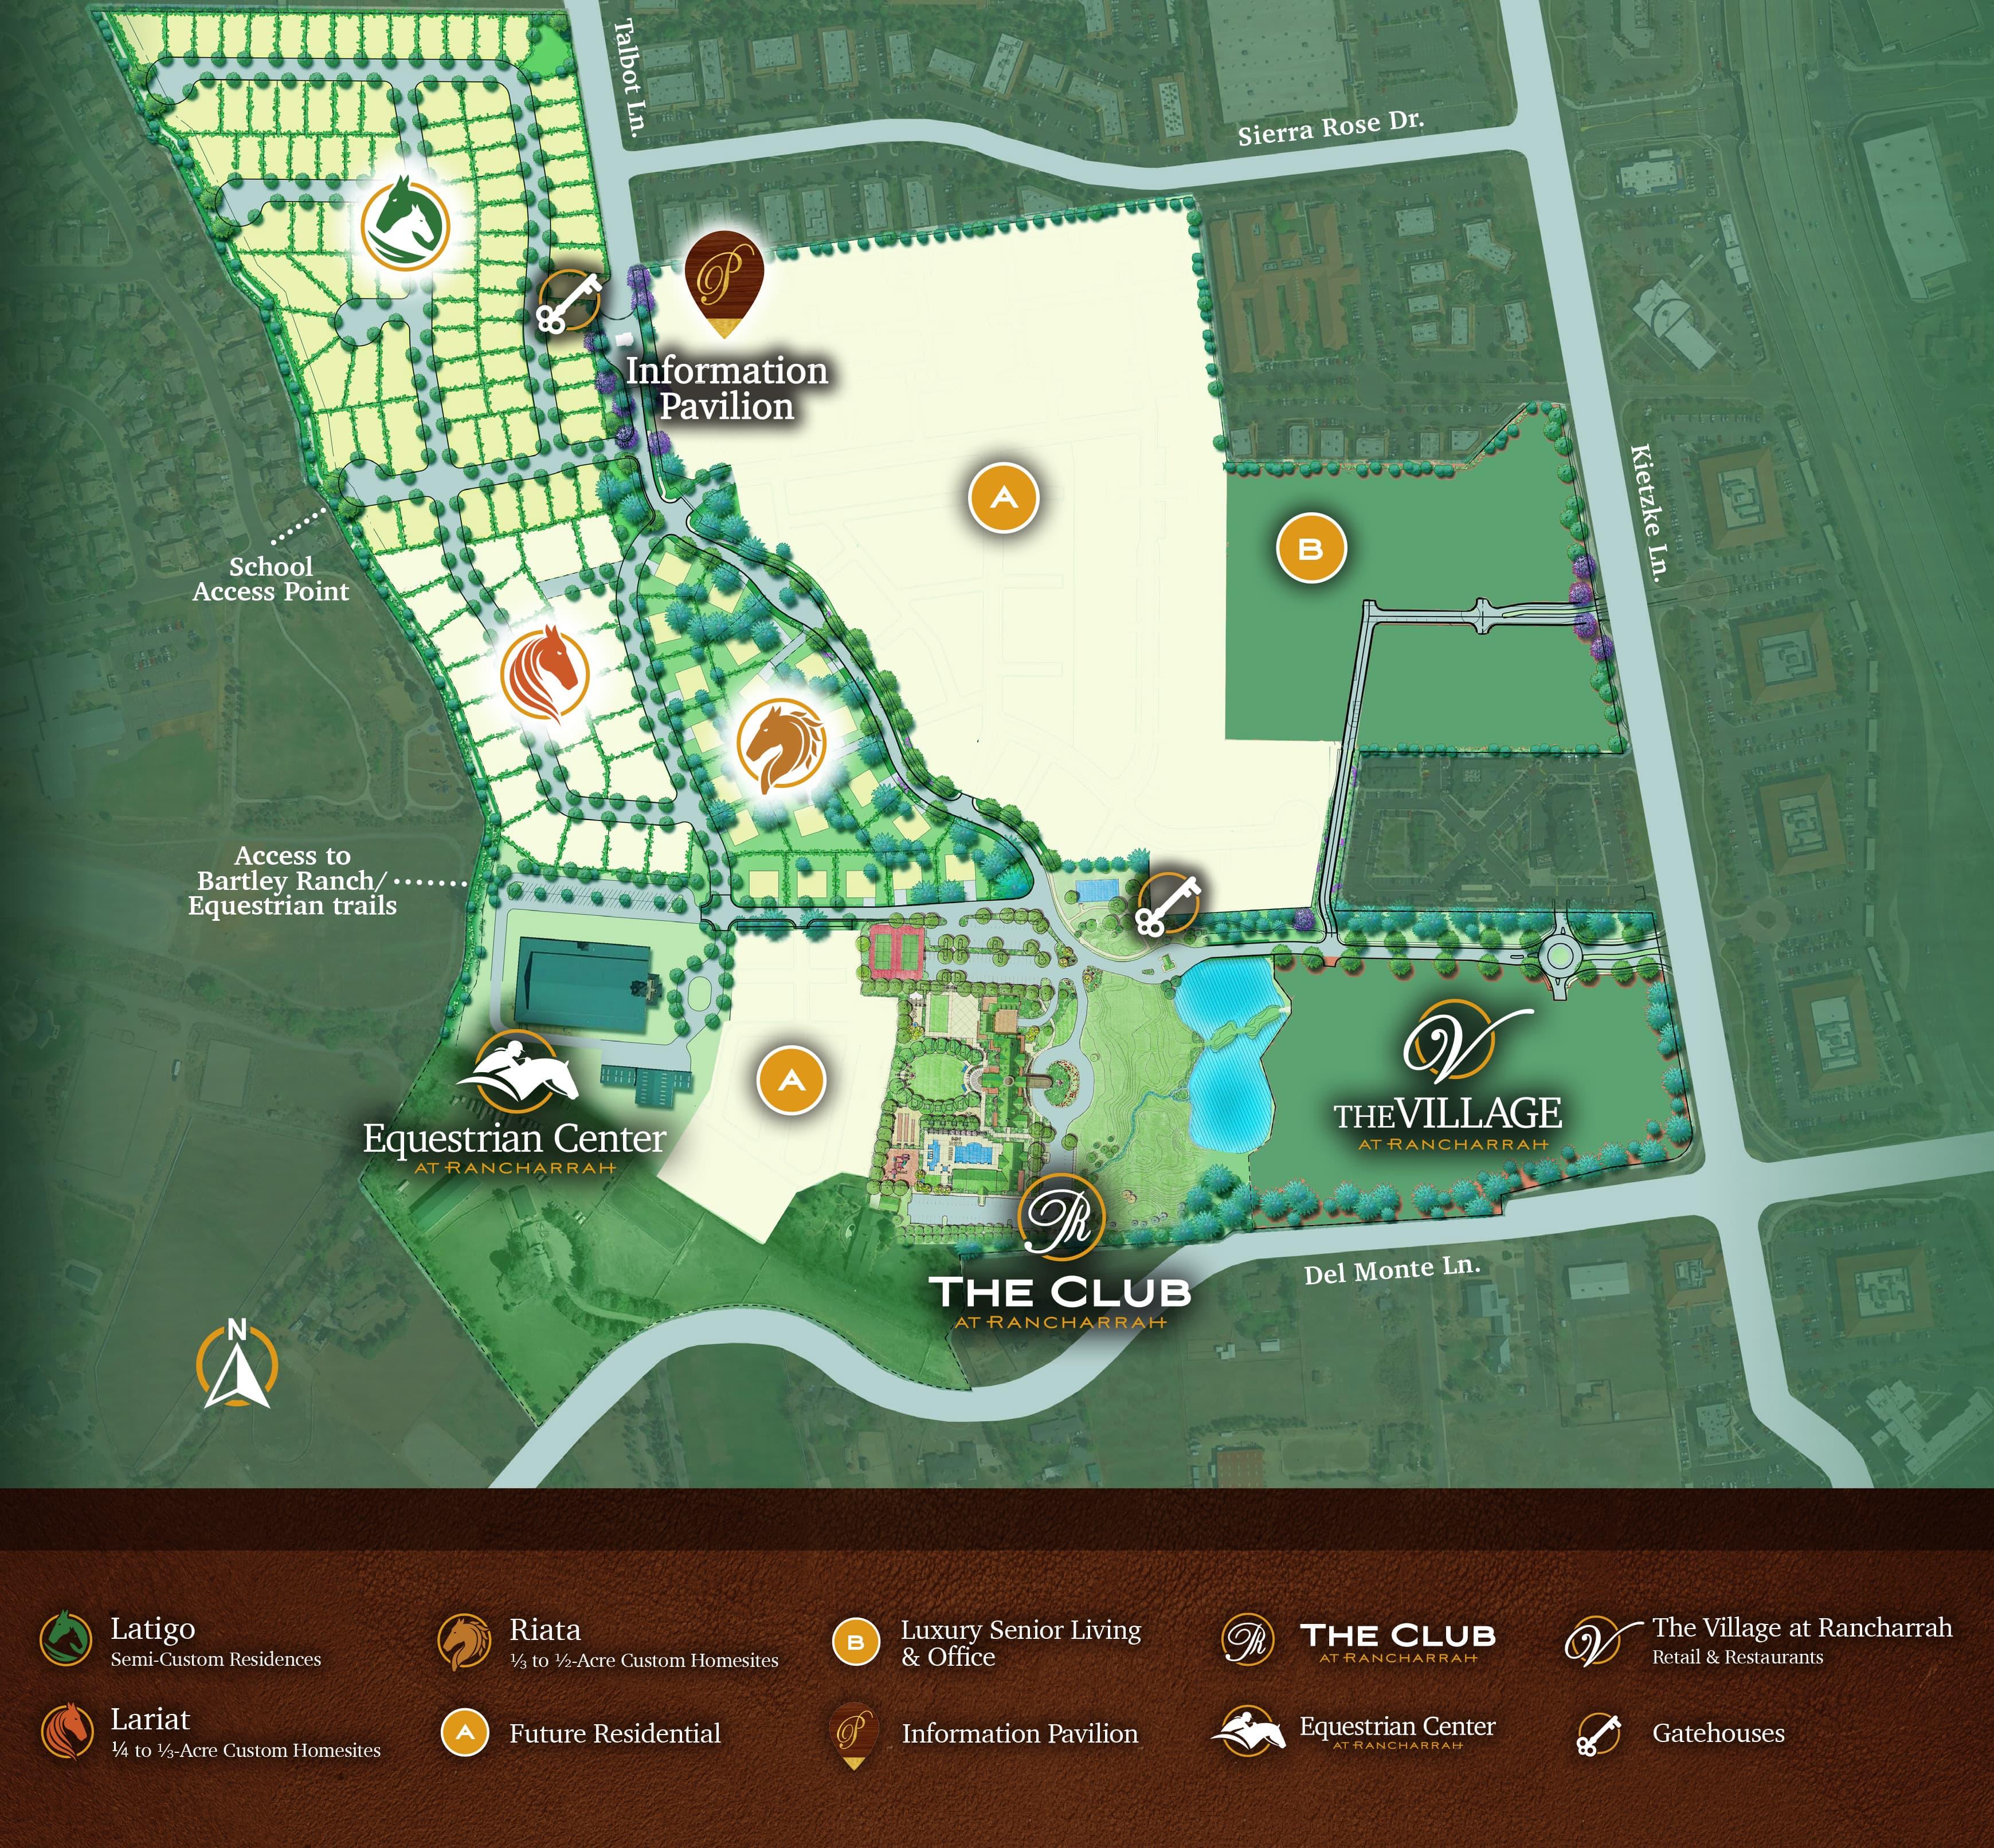 Rancharrah Site Map